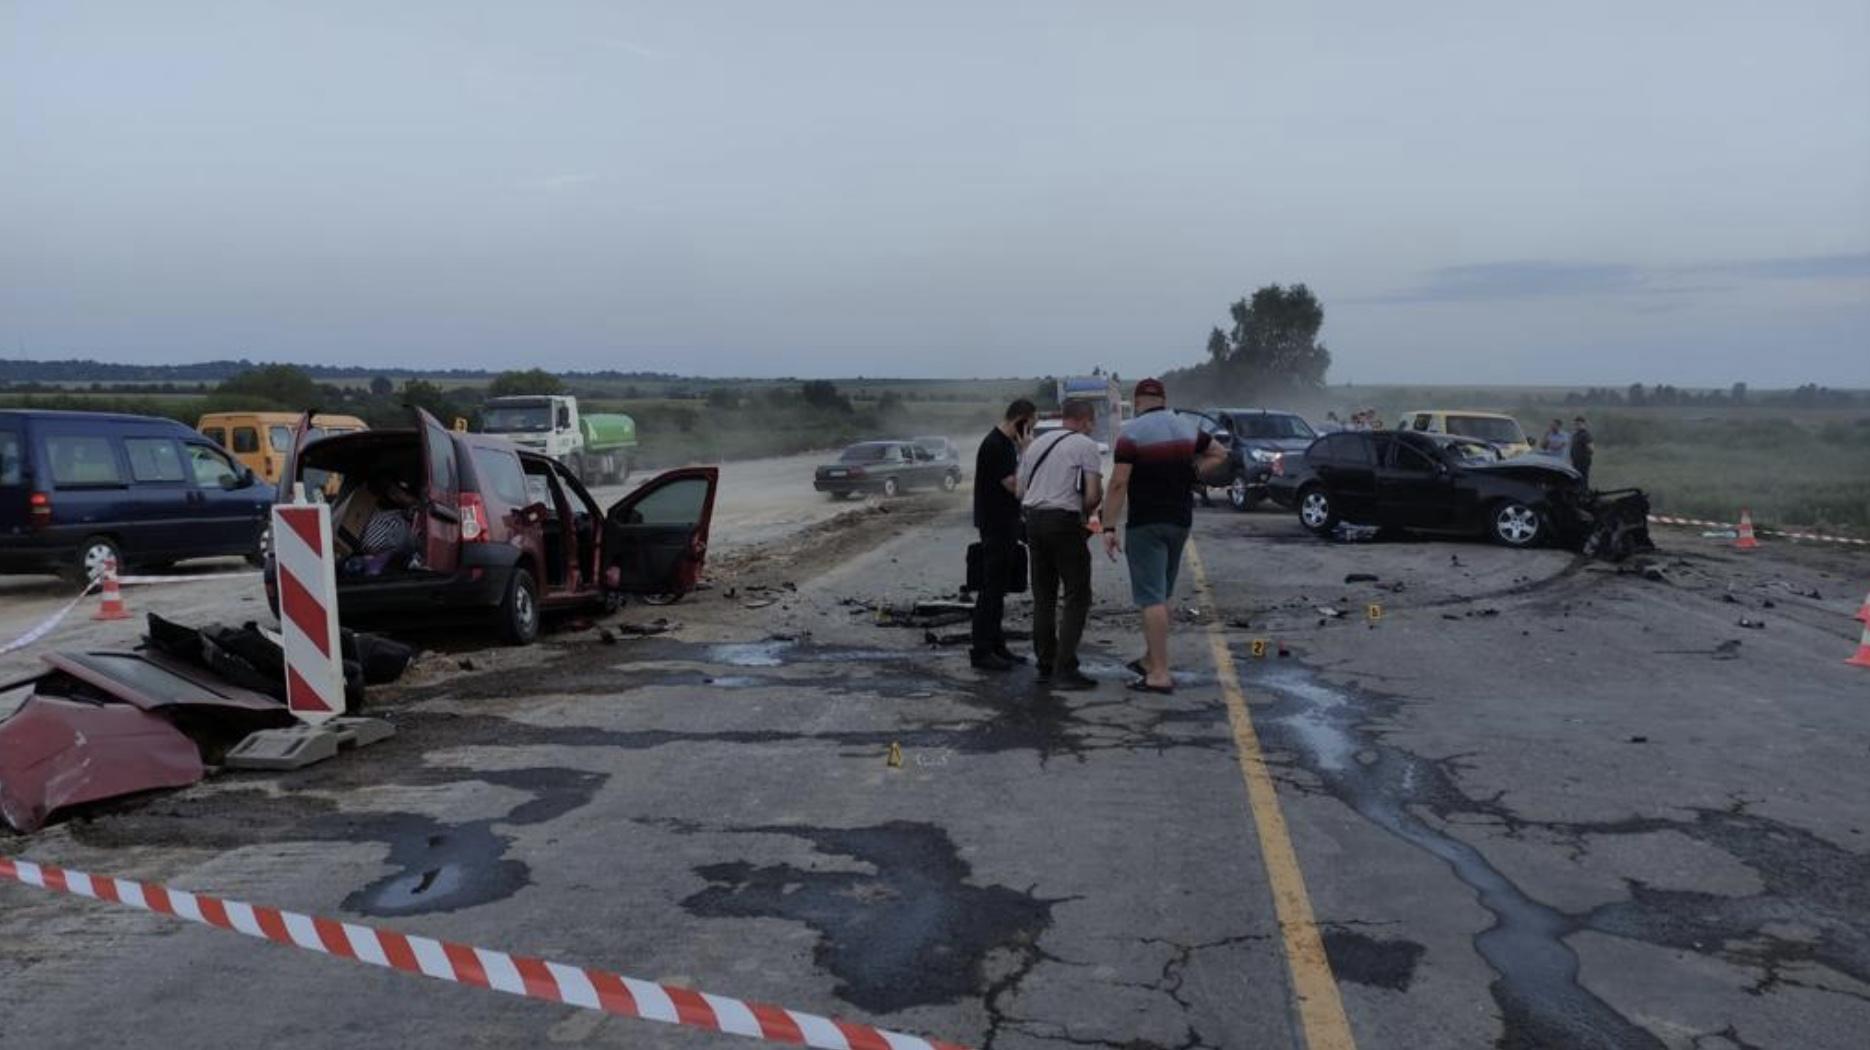 Пік аварійності на дорогах припадає на вечір п'ятниці, – прокурор Хмельниччини